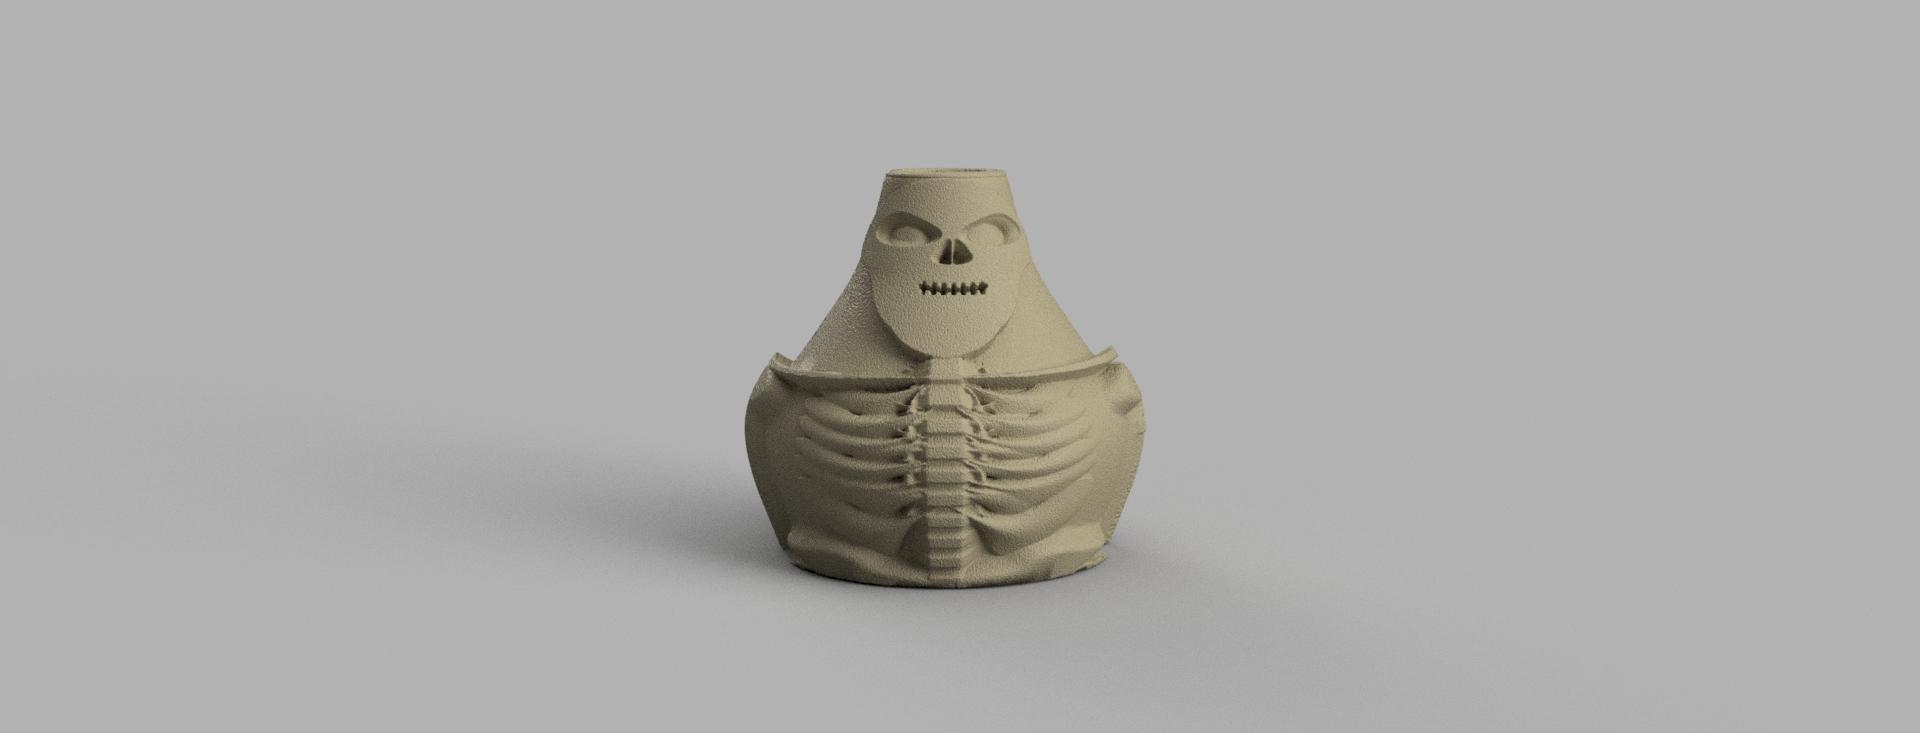 vase squelette .png Télécharger fichier STL X86 Mini vase collection  • Objet imprimable en 3D, motek